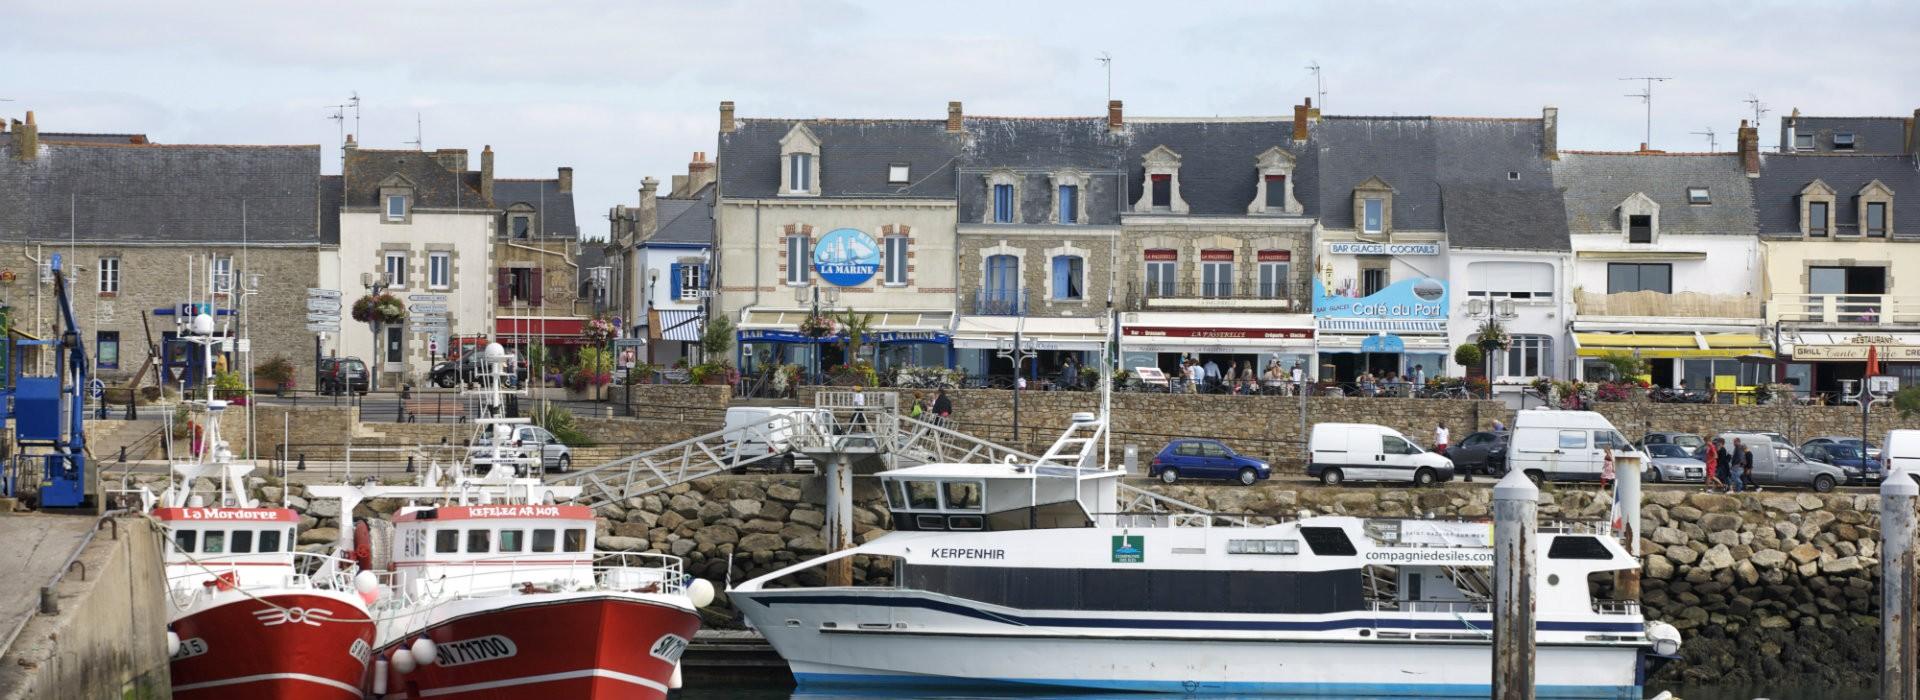 Le port de La Turballe - Mairie La Turballe